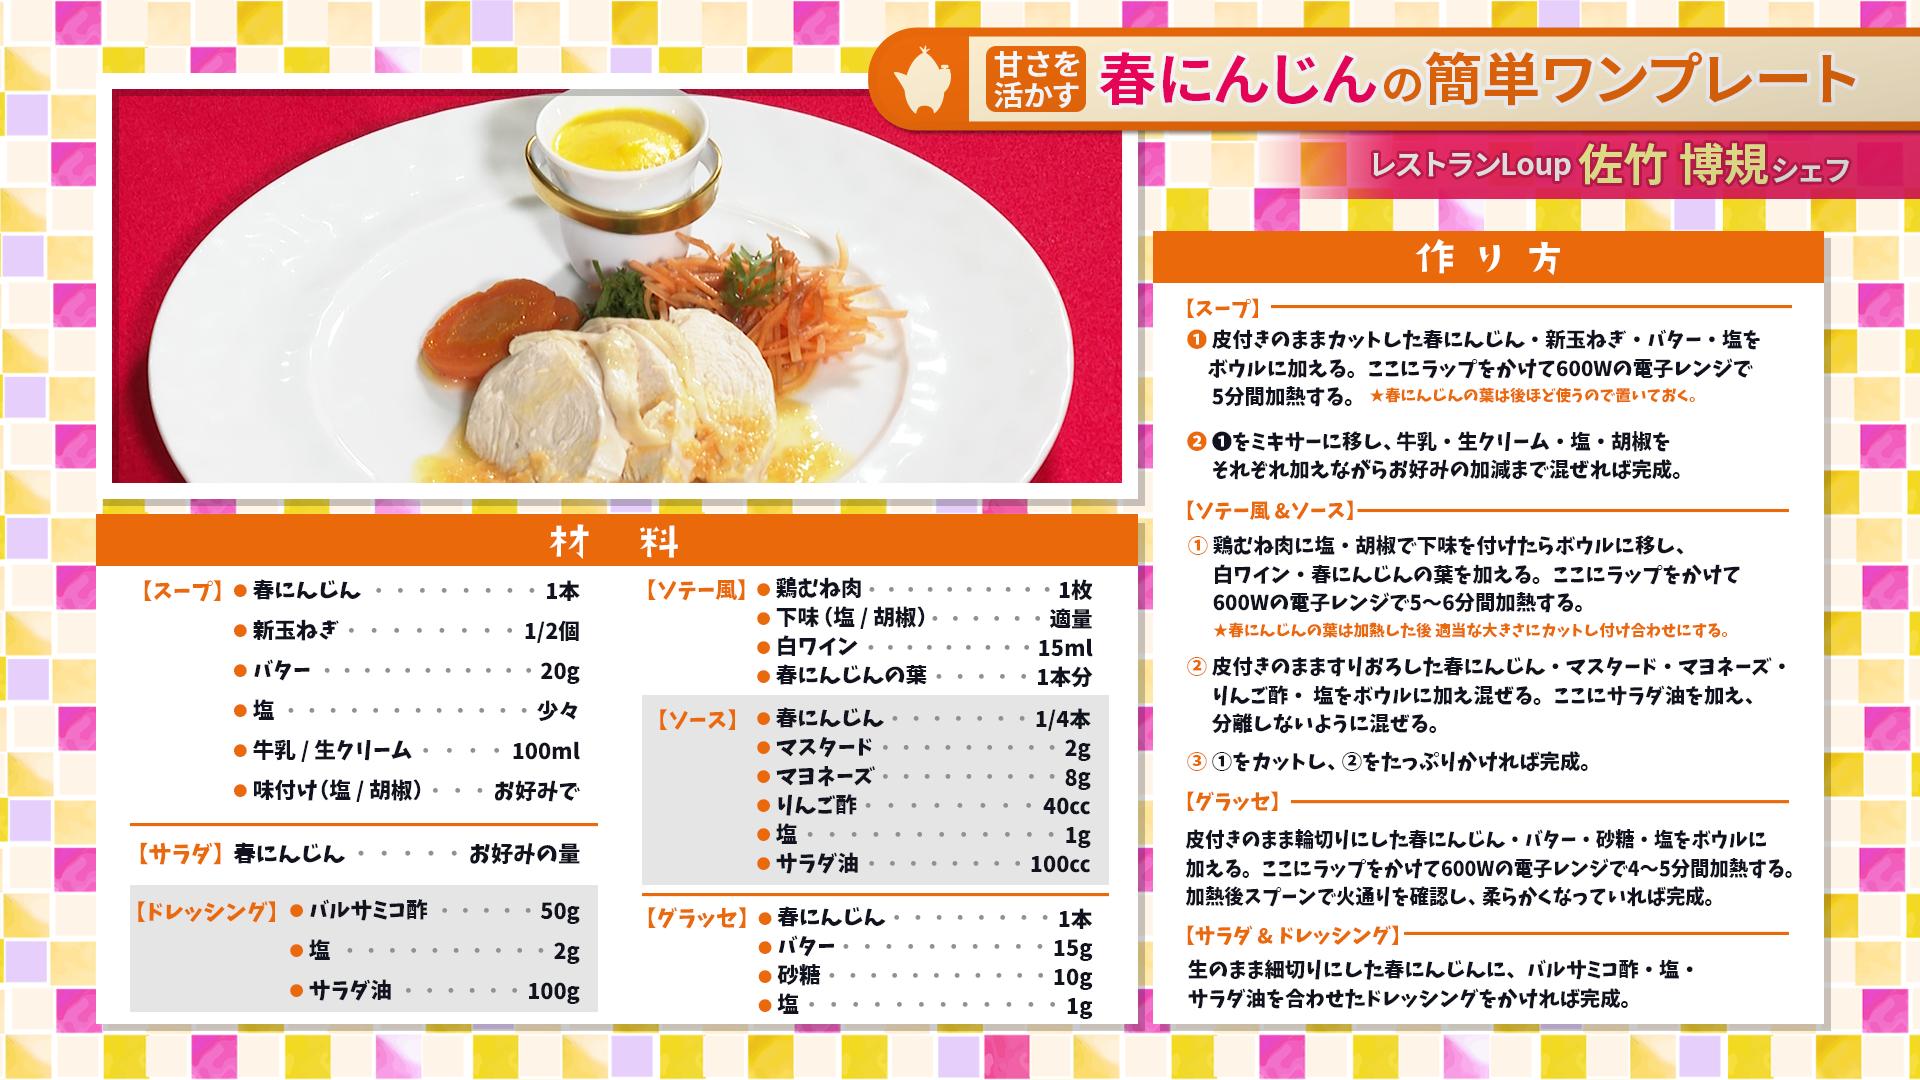 たけナビ『春にんじんの簡単ワンプレート』レシピ(4/13初回放送)